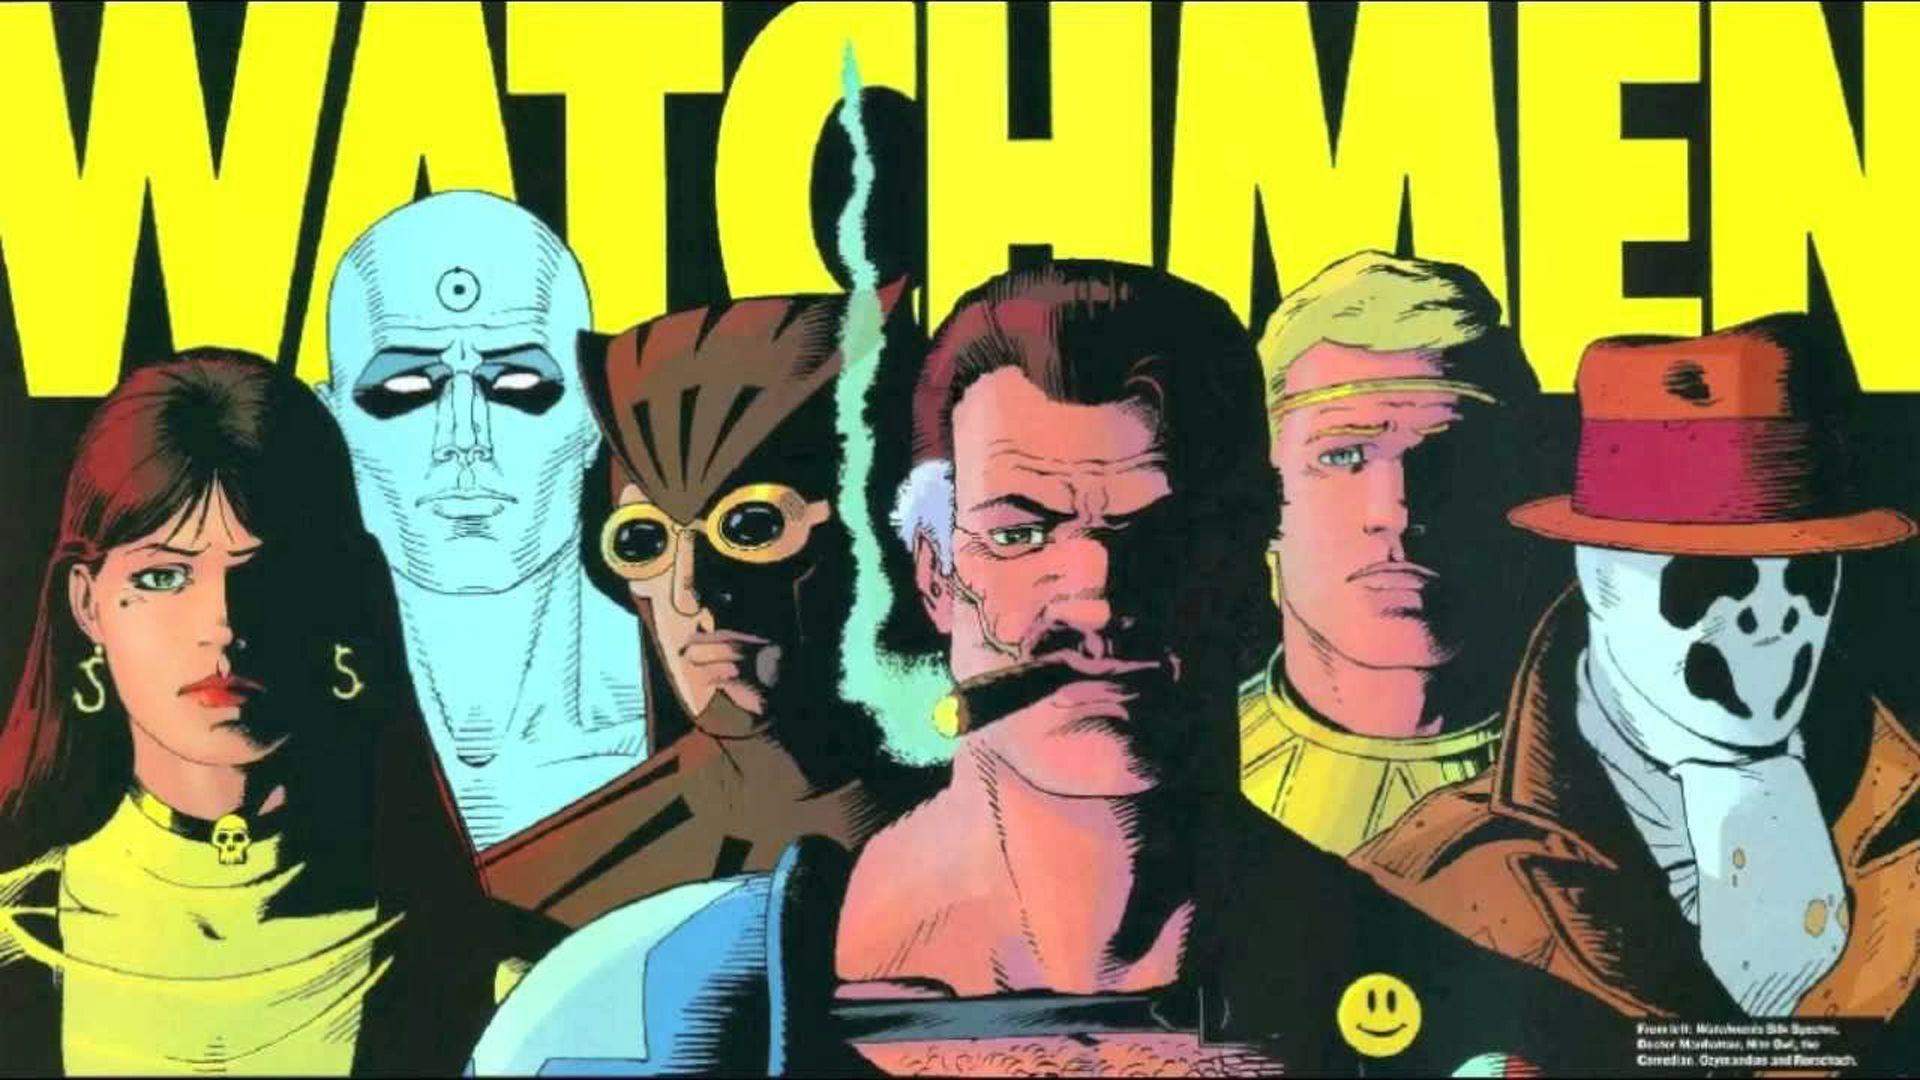 I protagonisti del fumetto Watchmen, ritratti in primo piano nella copertina di una graphic novel.